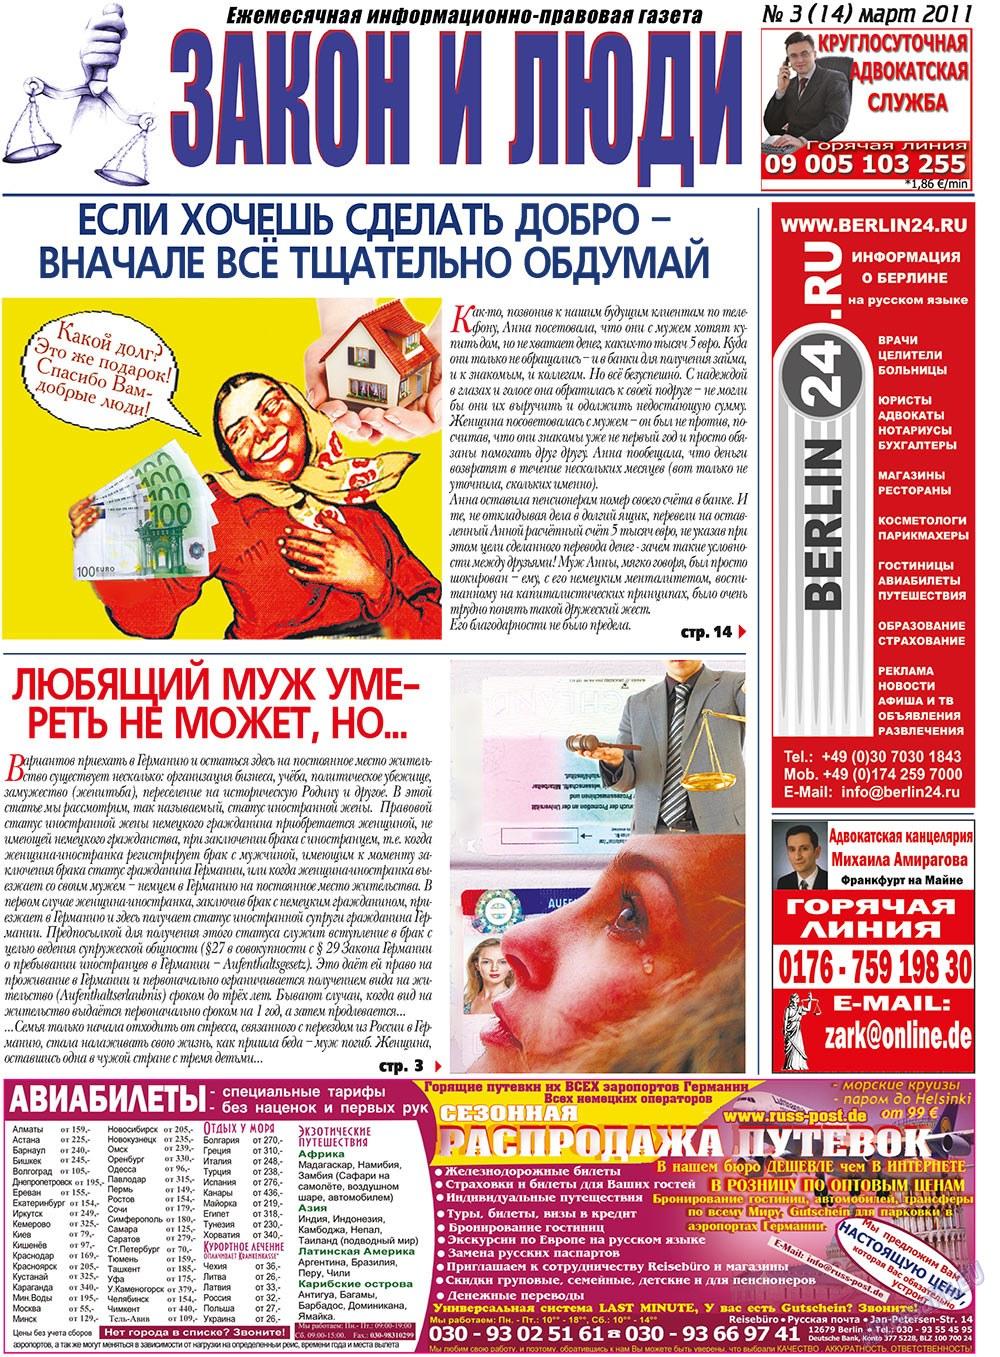 Закон и люди (газета). 2011 год, номер 3, стр. 1